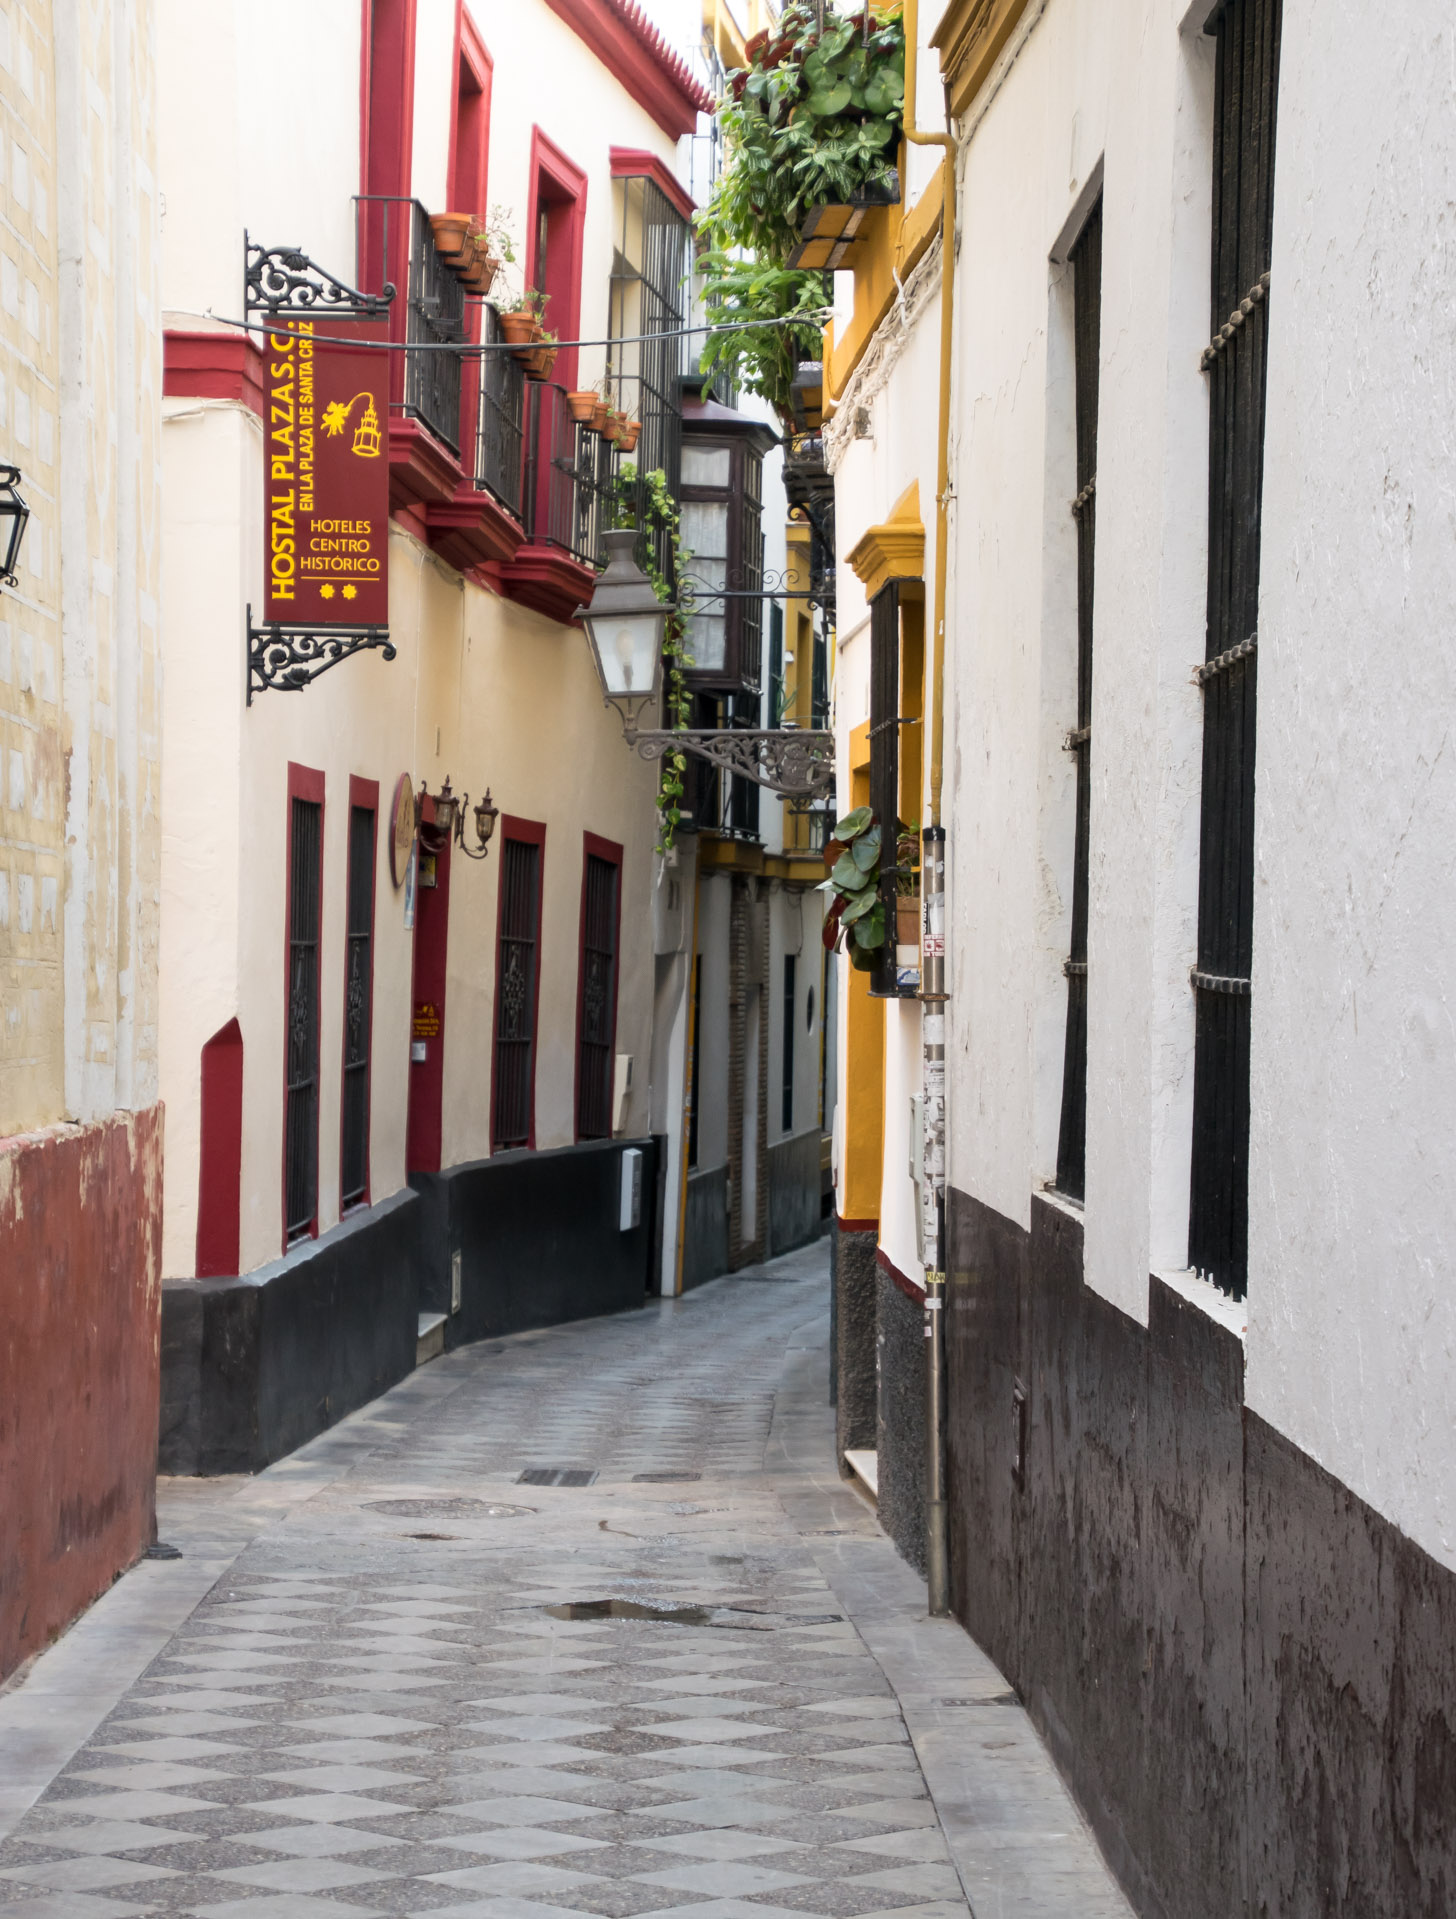 één van de nauwe straatjes van Barrio Santa Cruz